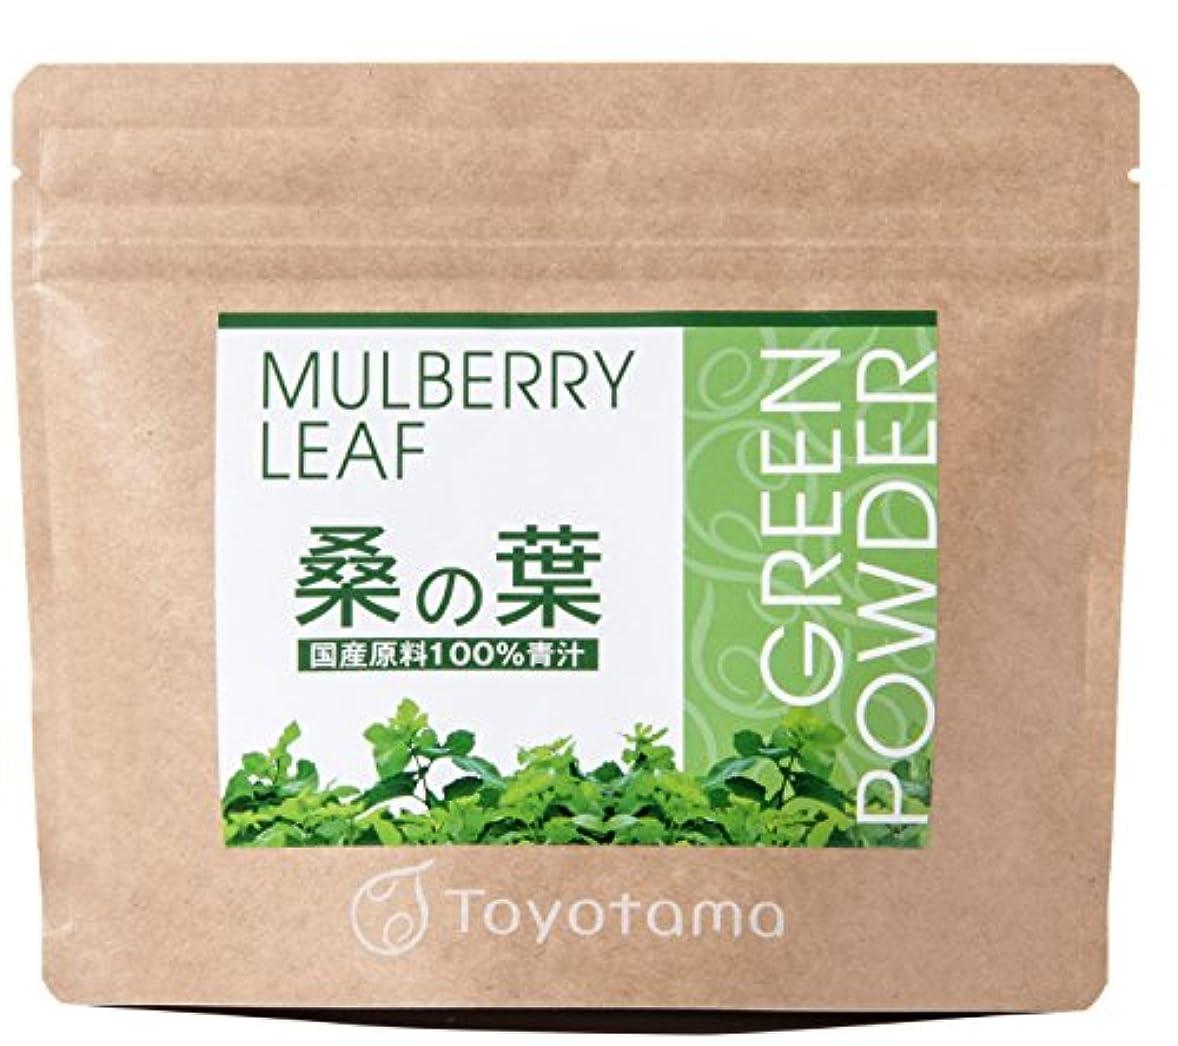 年齢ちなみにロードされたトヨタマ(TOYOTAMA) 国産桑の葉100%青汁 90g (約30回分) 無添加 ピュアパウダー 1096312